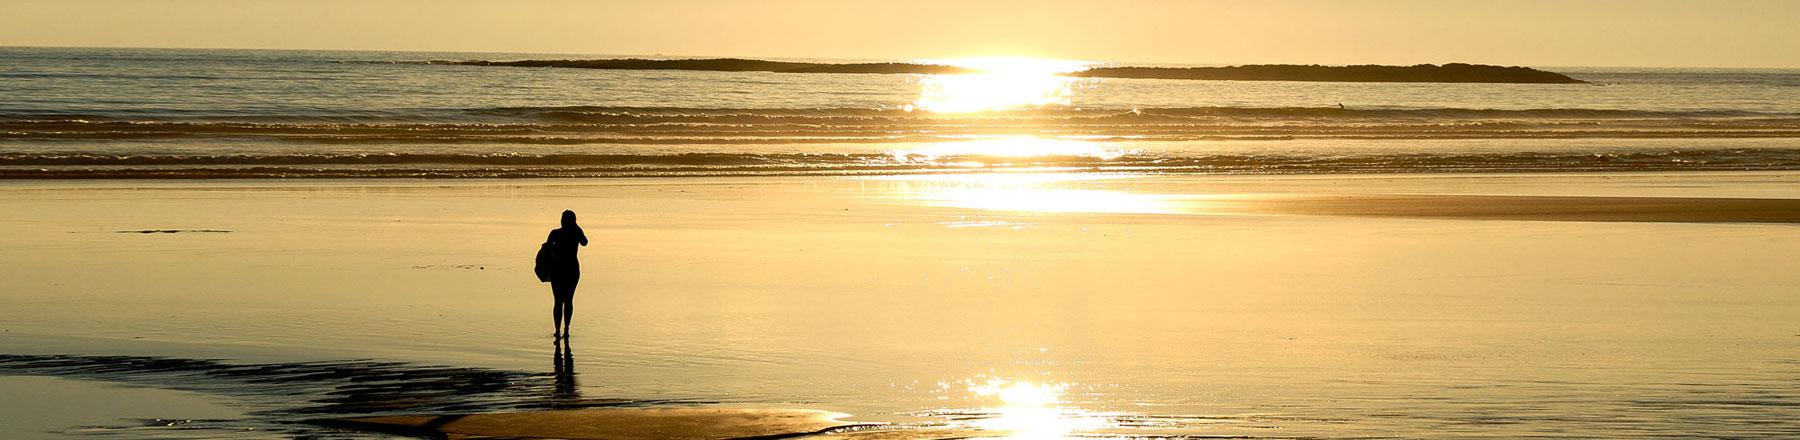 surf-bretignolles